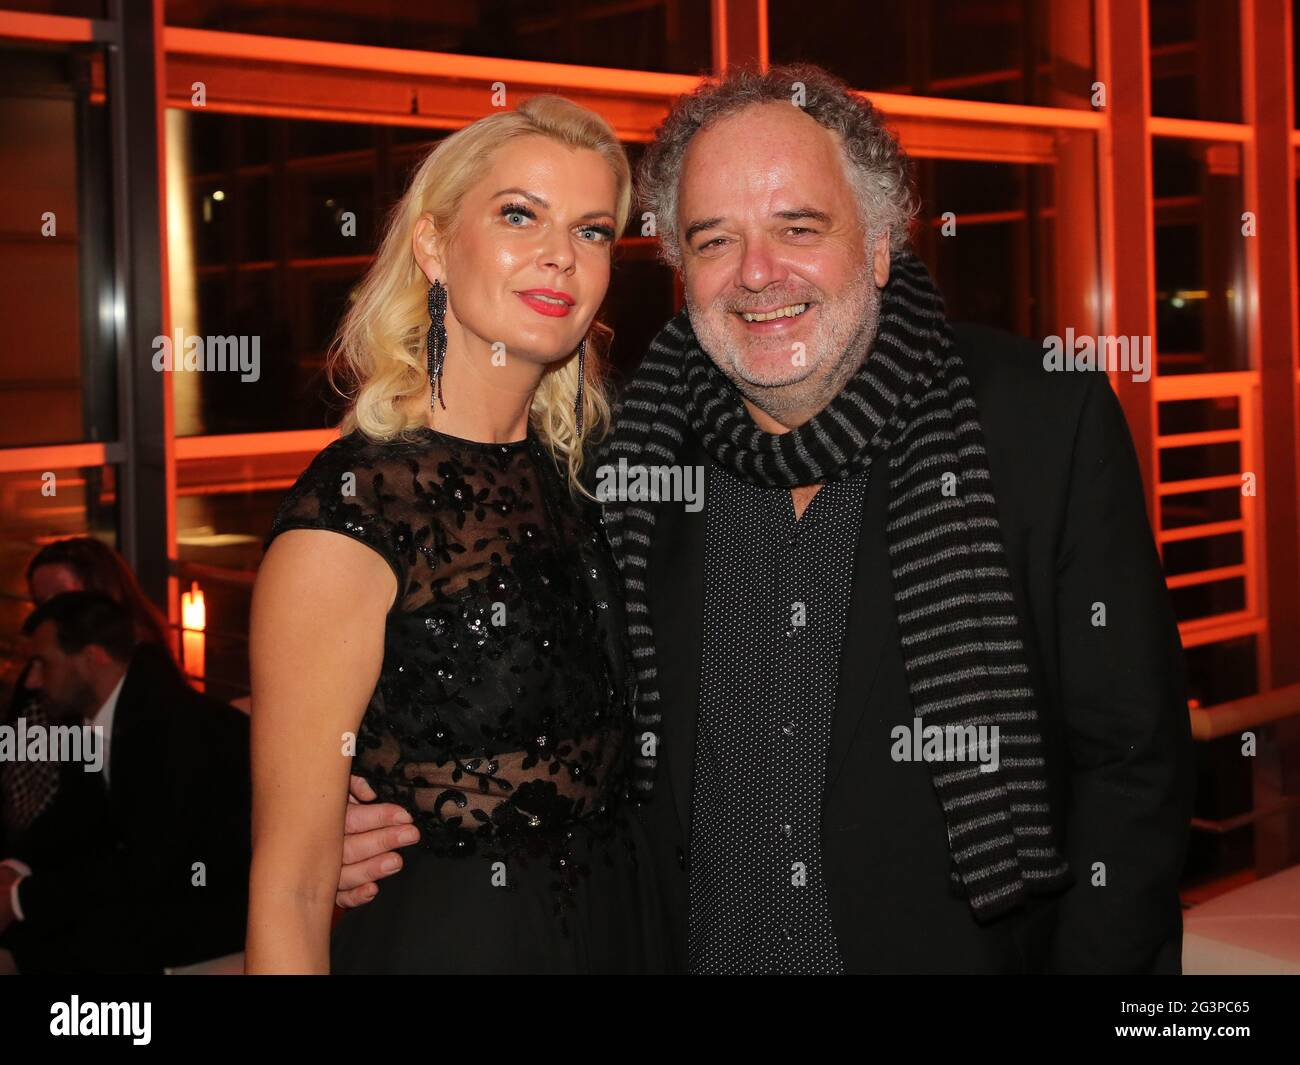 Rédacteur en chef du tabloïd MDR Brisant Annette MuGrauer avec le directeur du divertissement MDR Peter Dreckmann Banque D'Images